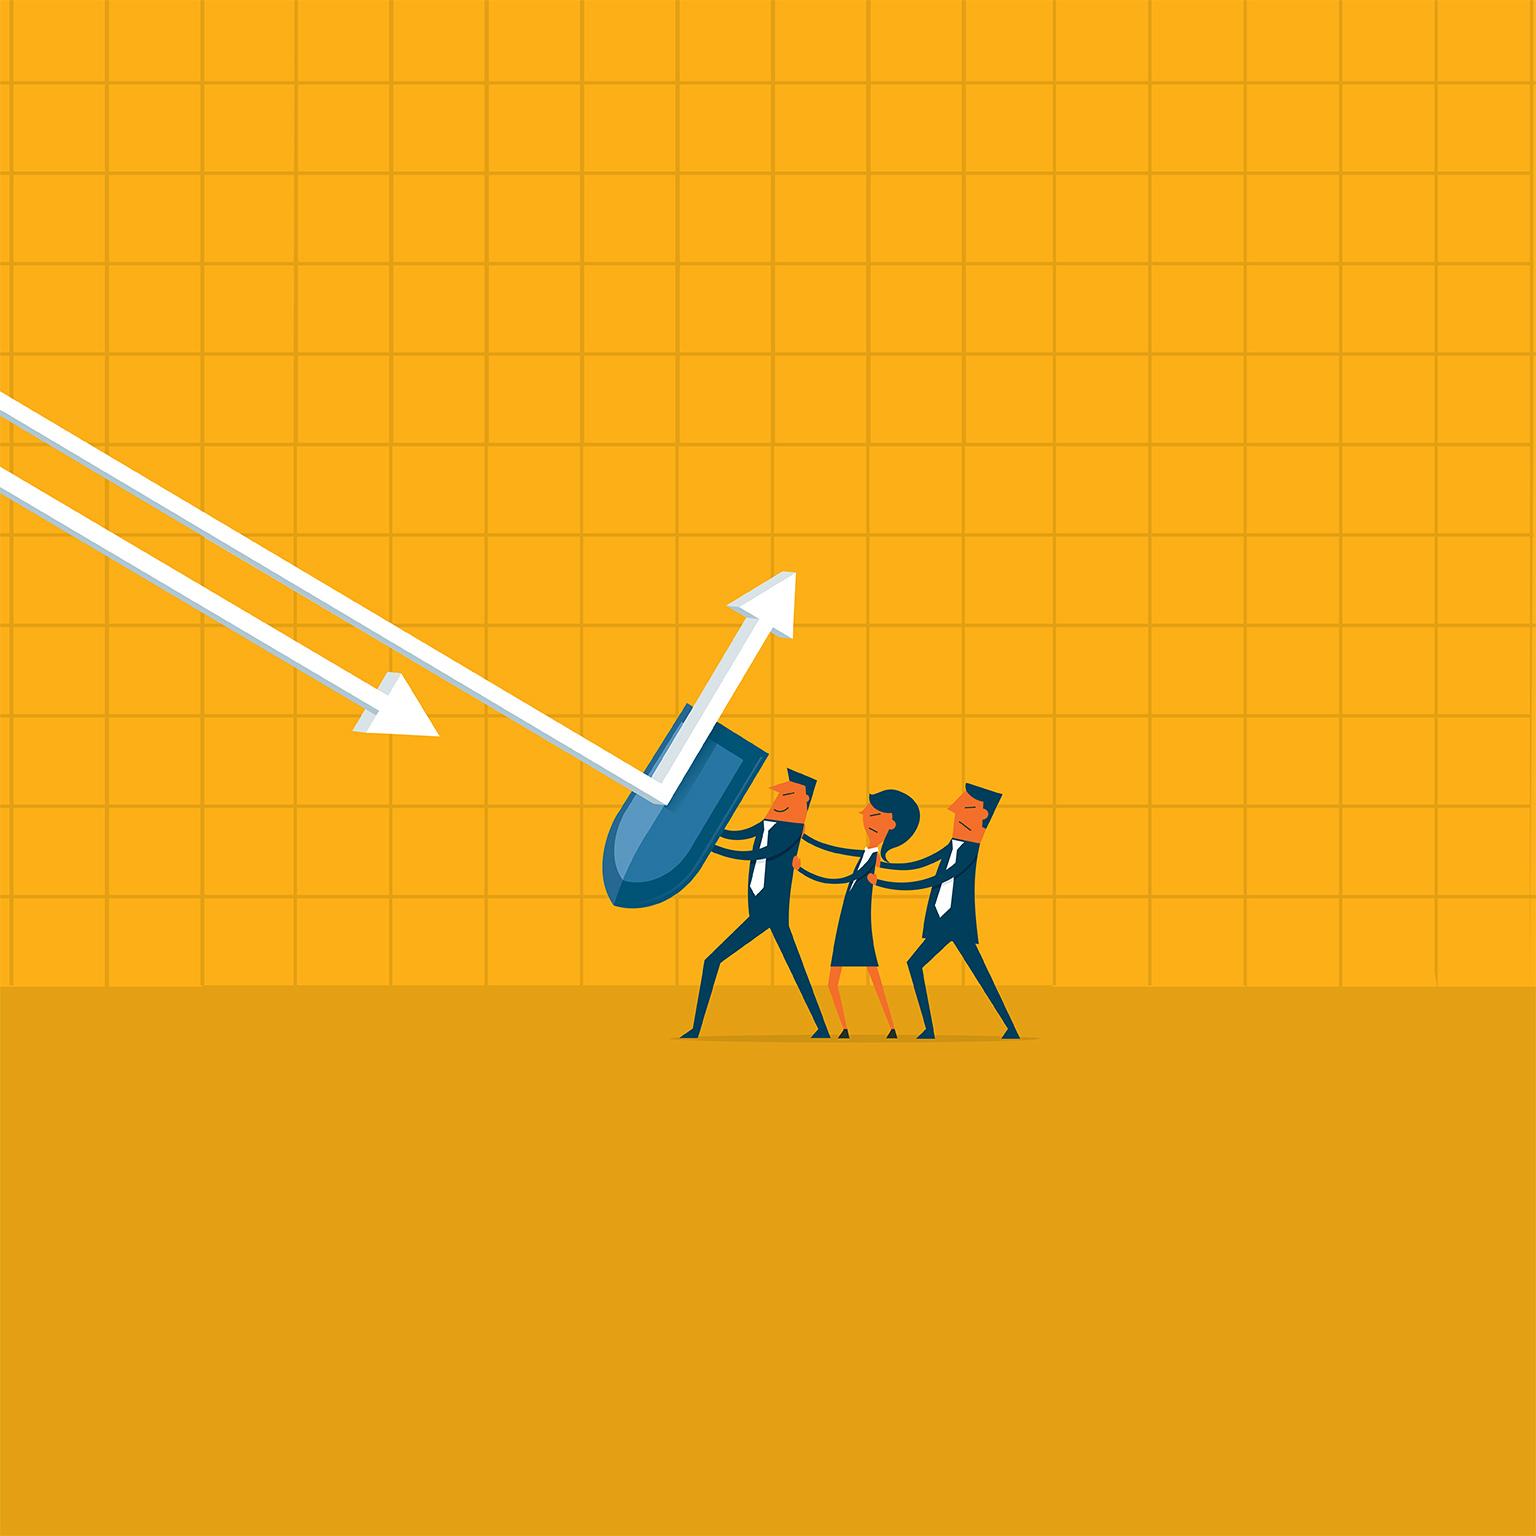 شرکتتان را در دوران رکود و بحران چگونه رهبری میکنید؟